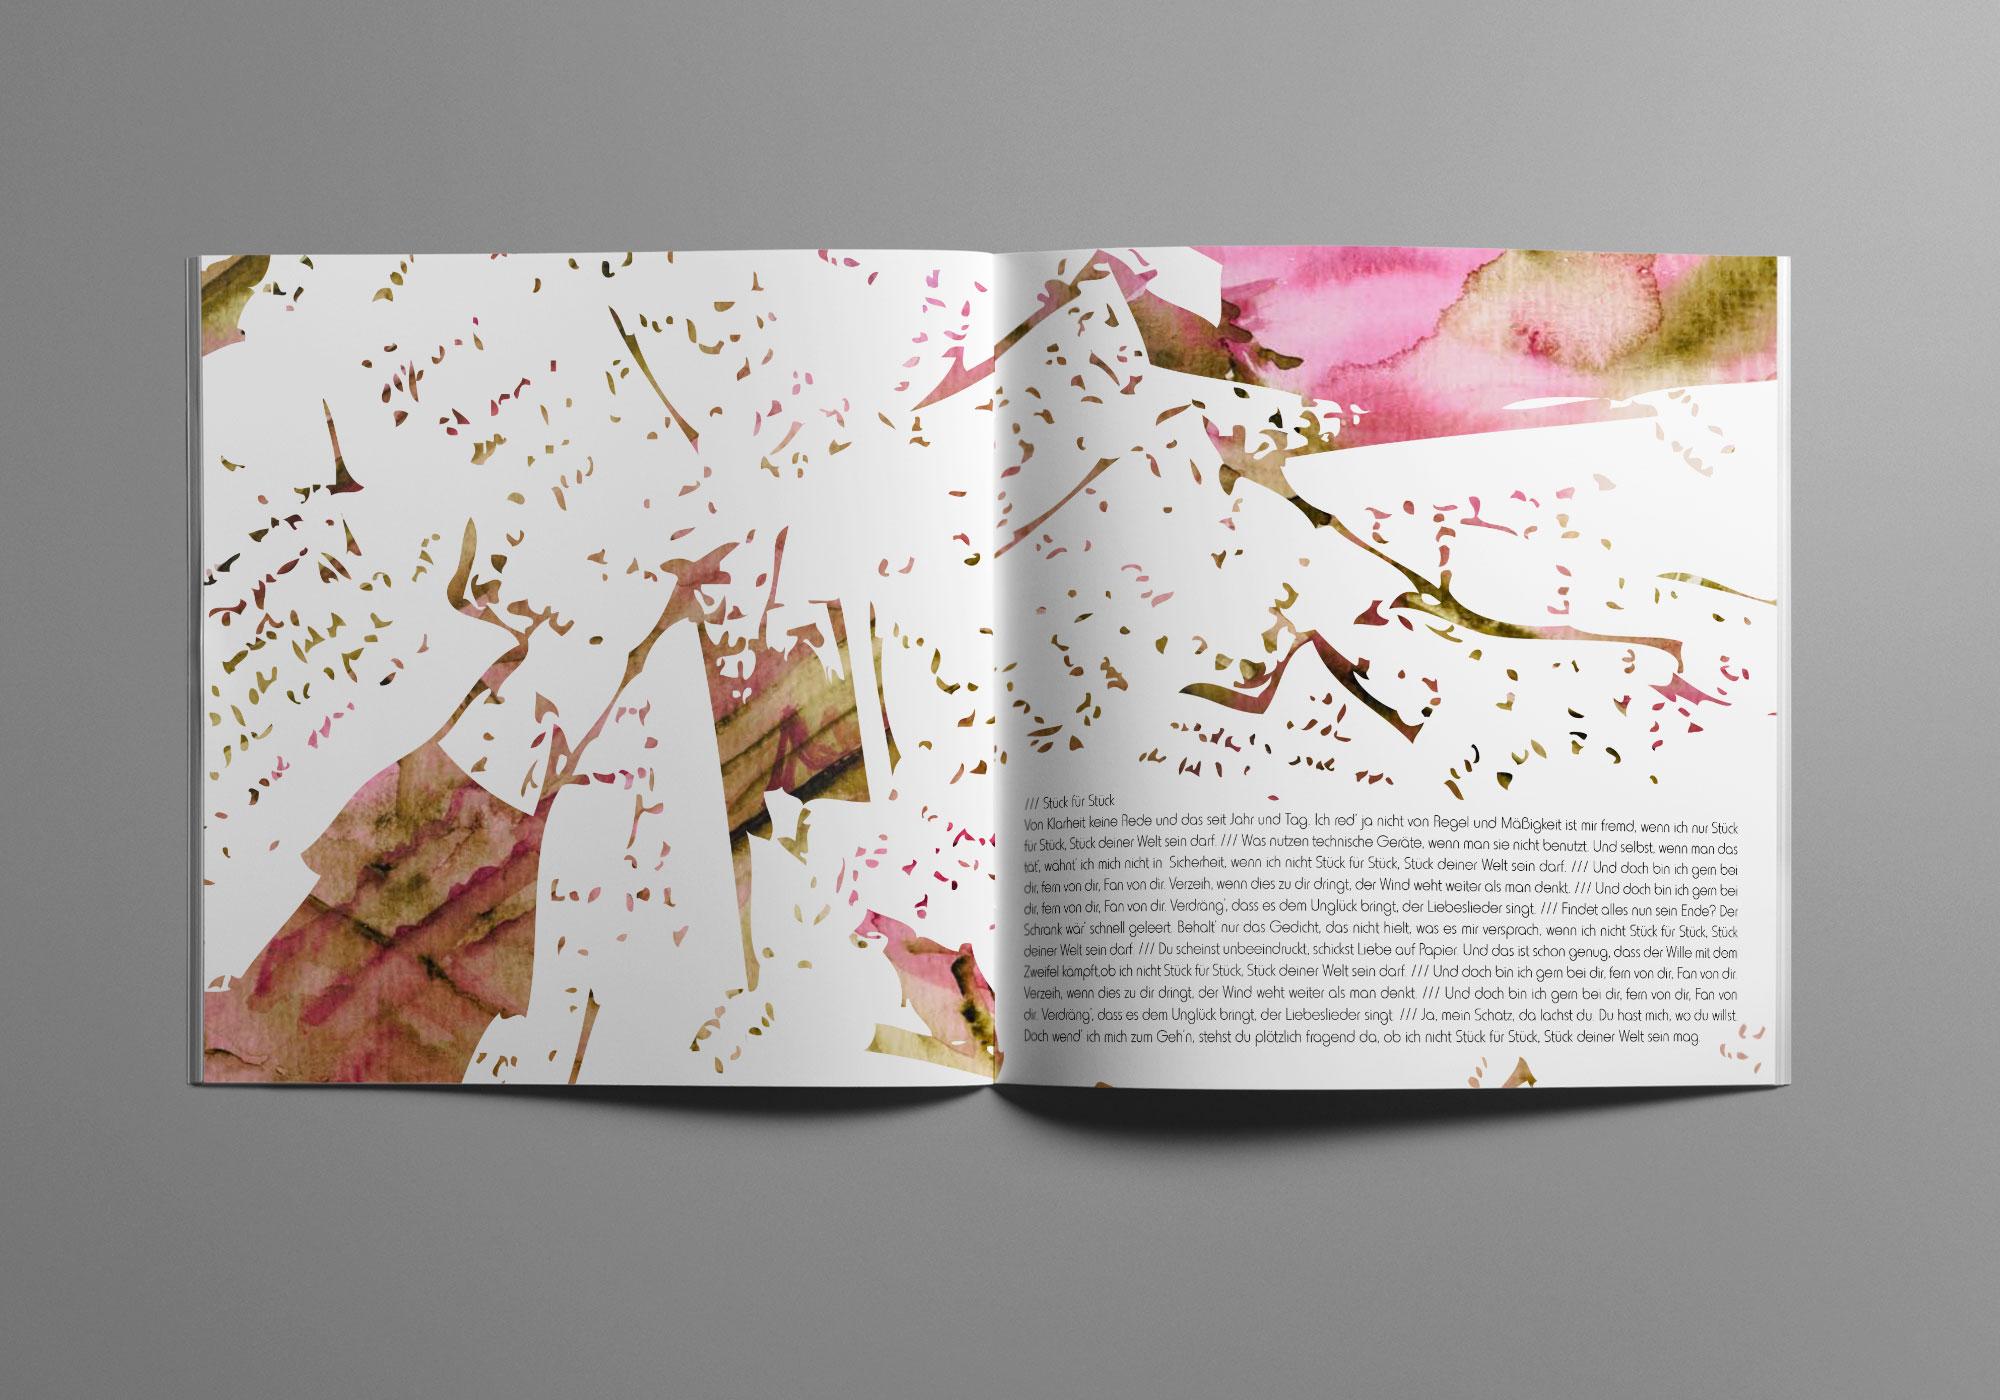 Die Doppelseite des Album Artworks zeigt eine Illustration abstrahierter Schriftstücke.